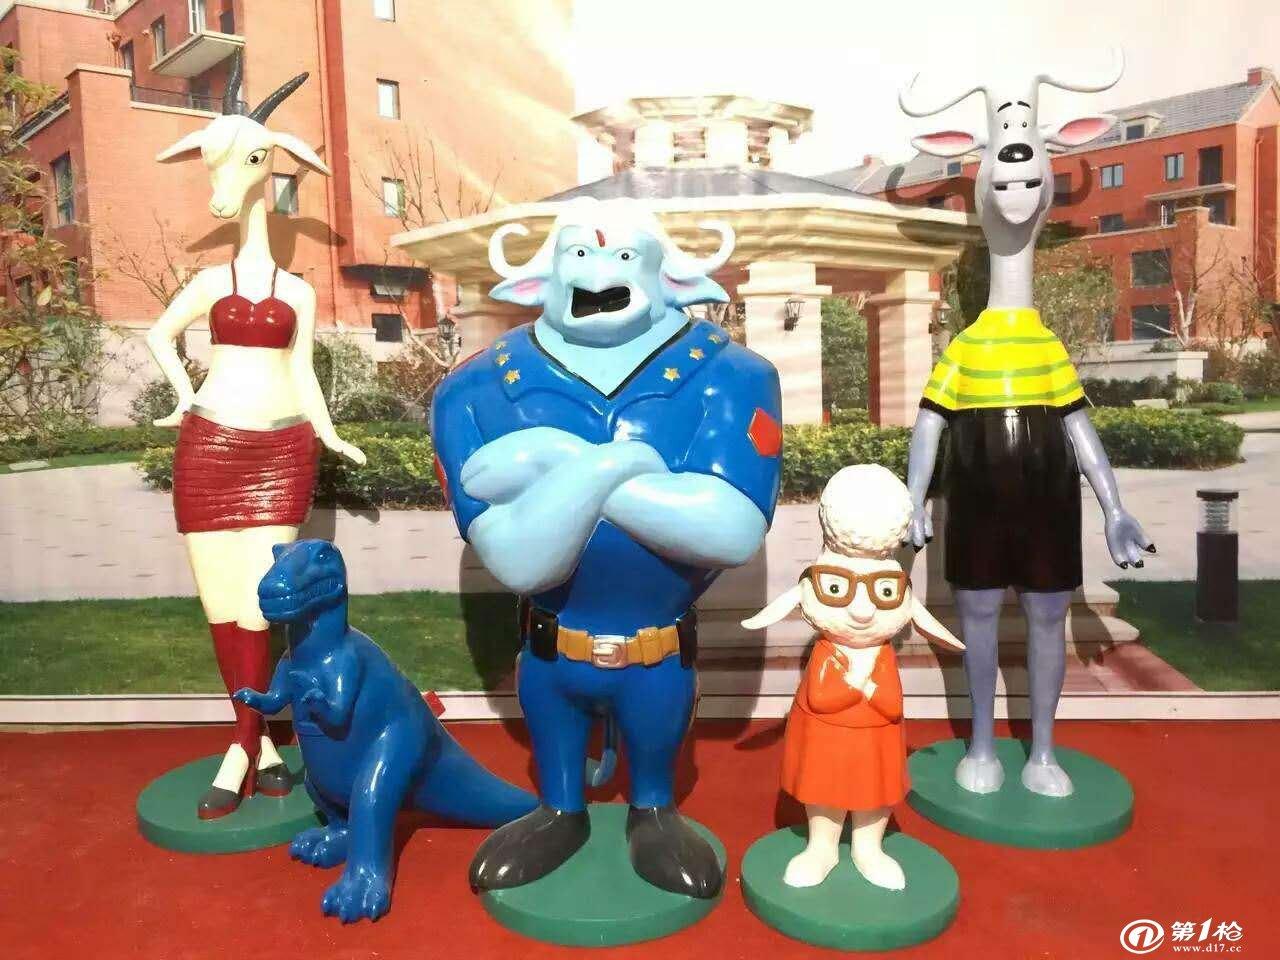 《疯狂动物城》由迪士尼影业出品的3D动画片,该片讲述了在一个所有动物和平共处的动物城市,兔子朱迪通过自己努力奋斗完成自己儿时的梦想,成为动物警察的故事。 一个现代化的动物都市,每种动物在这里都有自己的居所,有沙漠气候的撒哈拉广场、常年严寒的冰川镇等等,它就像一座大熔炉,动物们在这里和平共处无论是大象还是小老鼠,只要努力,都能闯出一番名堂。兔子朱迪从小就梦想能成为动物城市的警察,尽管身边的所有人都觉得兔子不可能当上警察,但她还是通过自己的努力,跻身到了全是大块头动物城警察局,成为了第一个兔子警官。为了证明